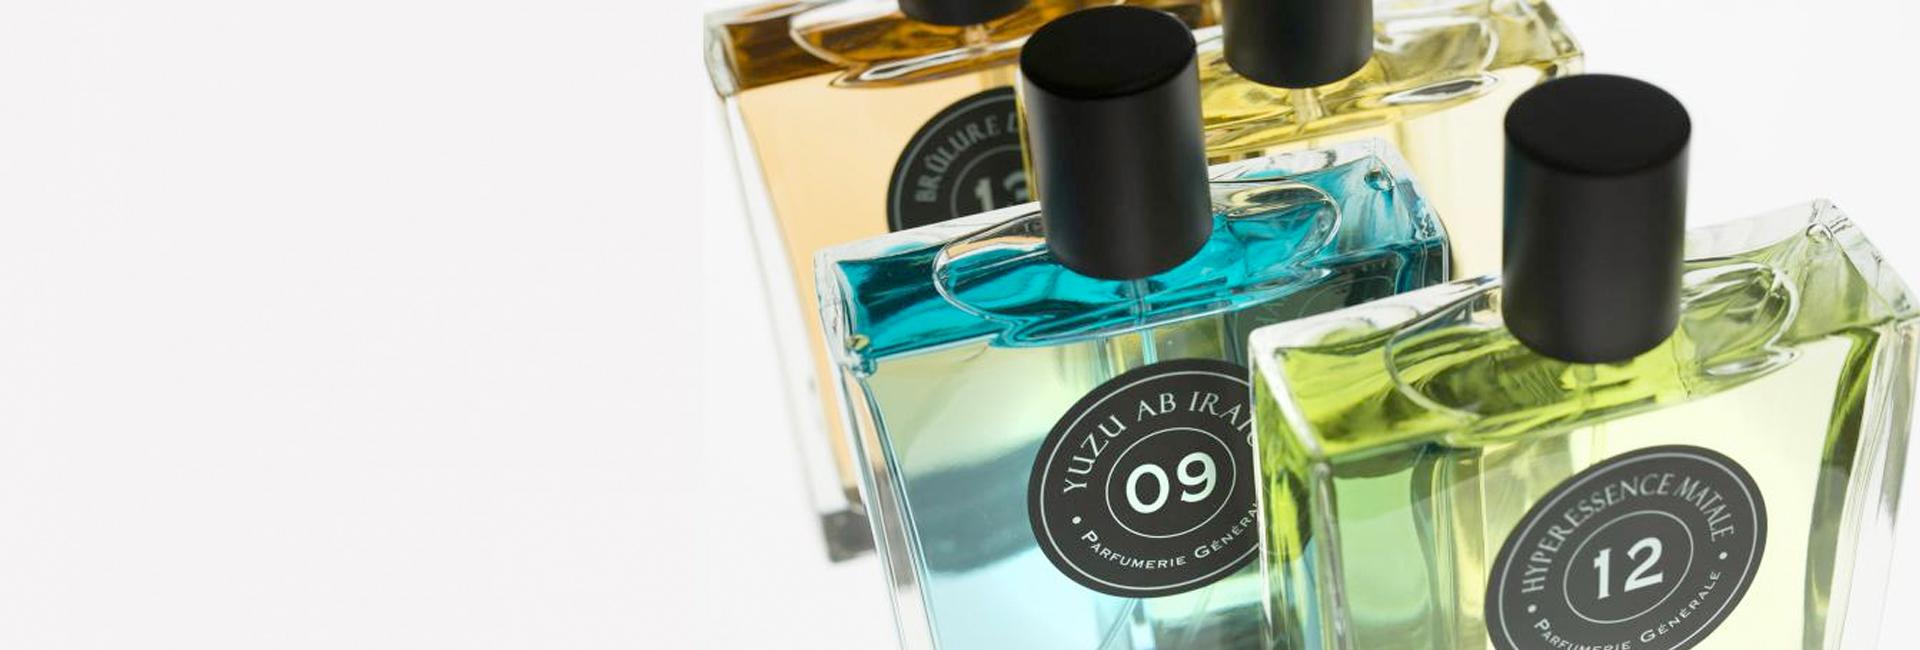 collection-numeraire-parfumerie-generale